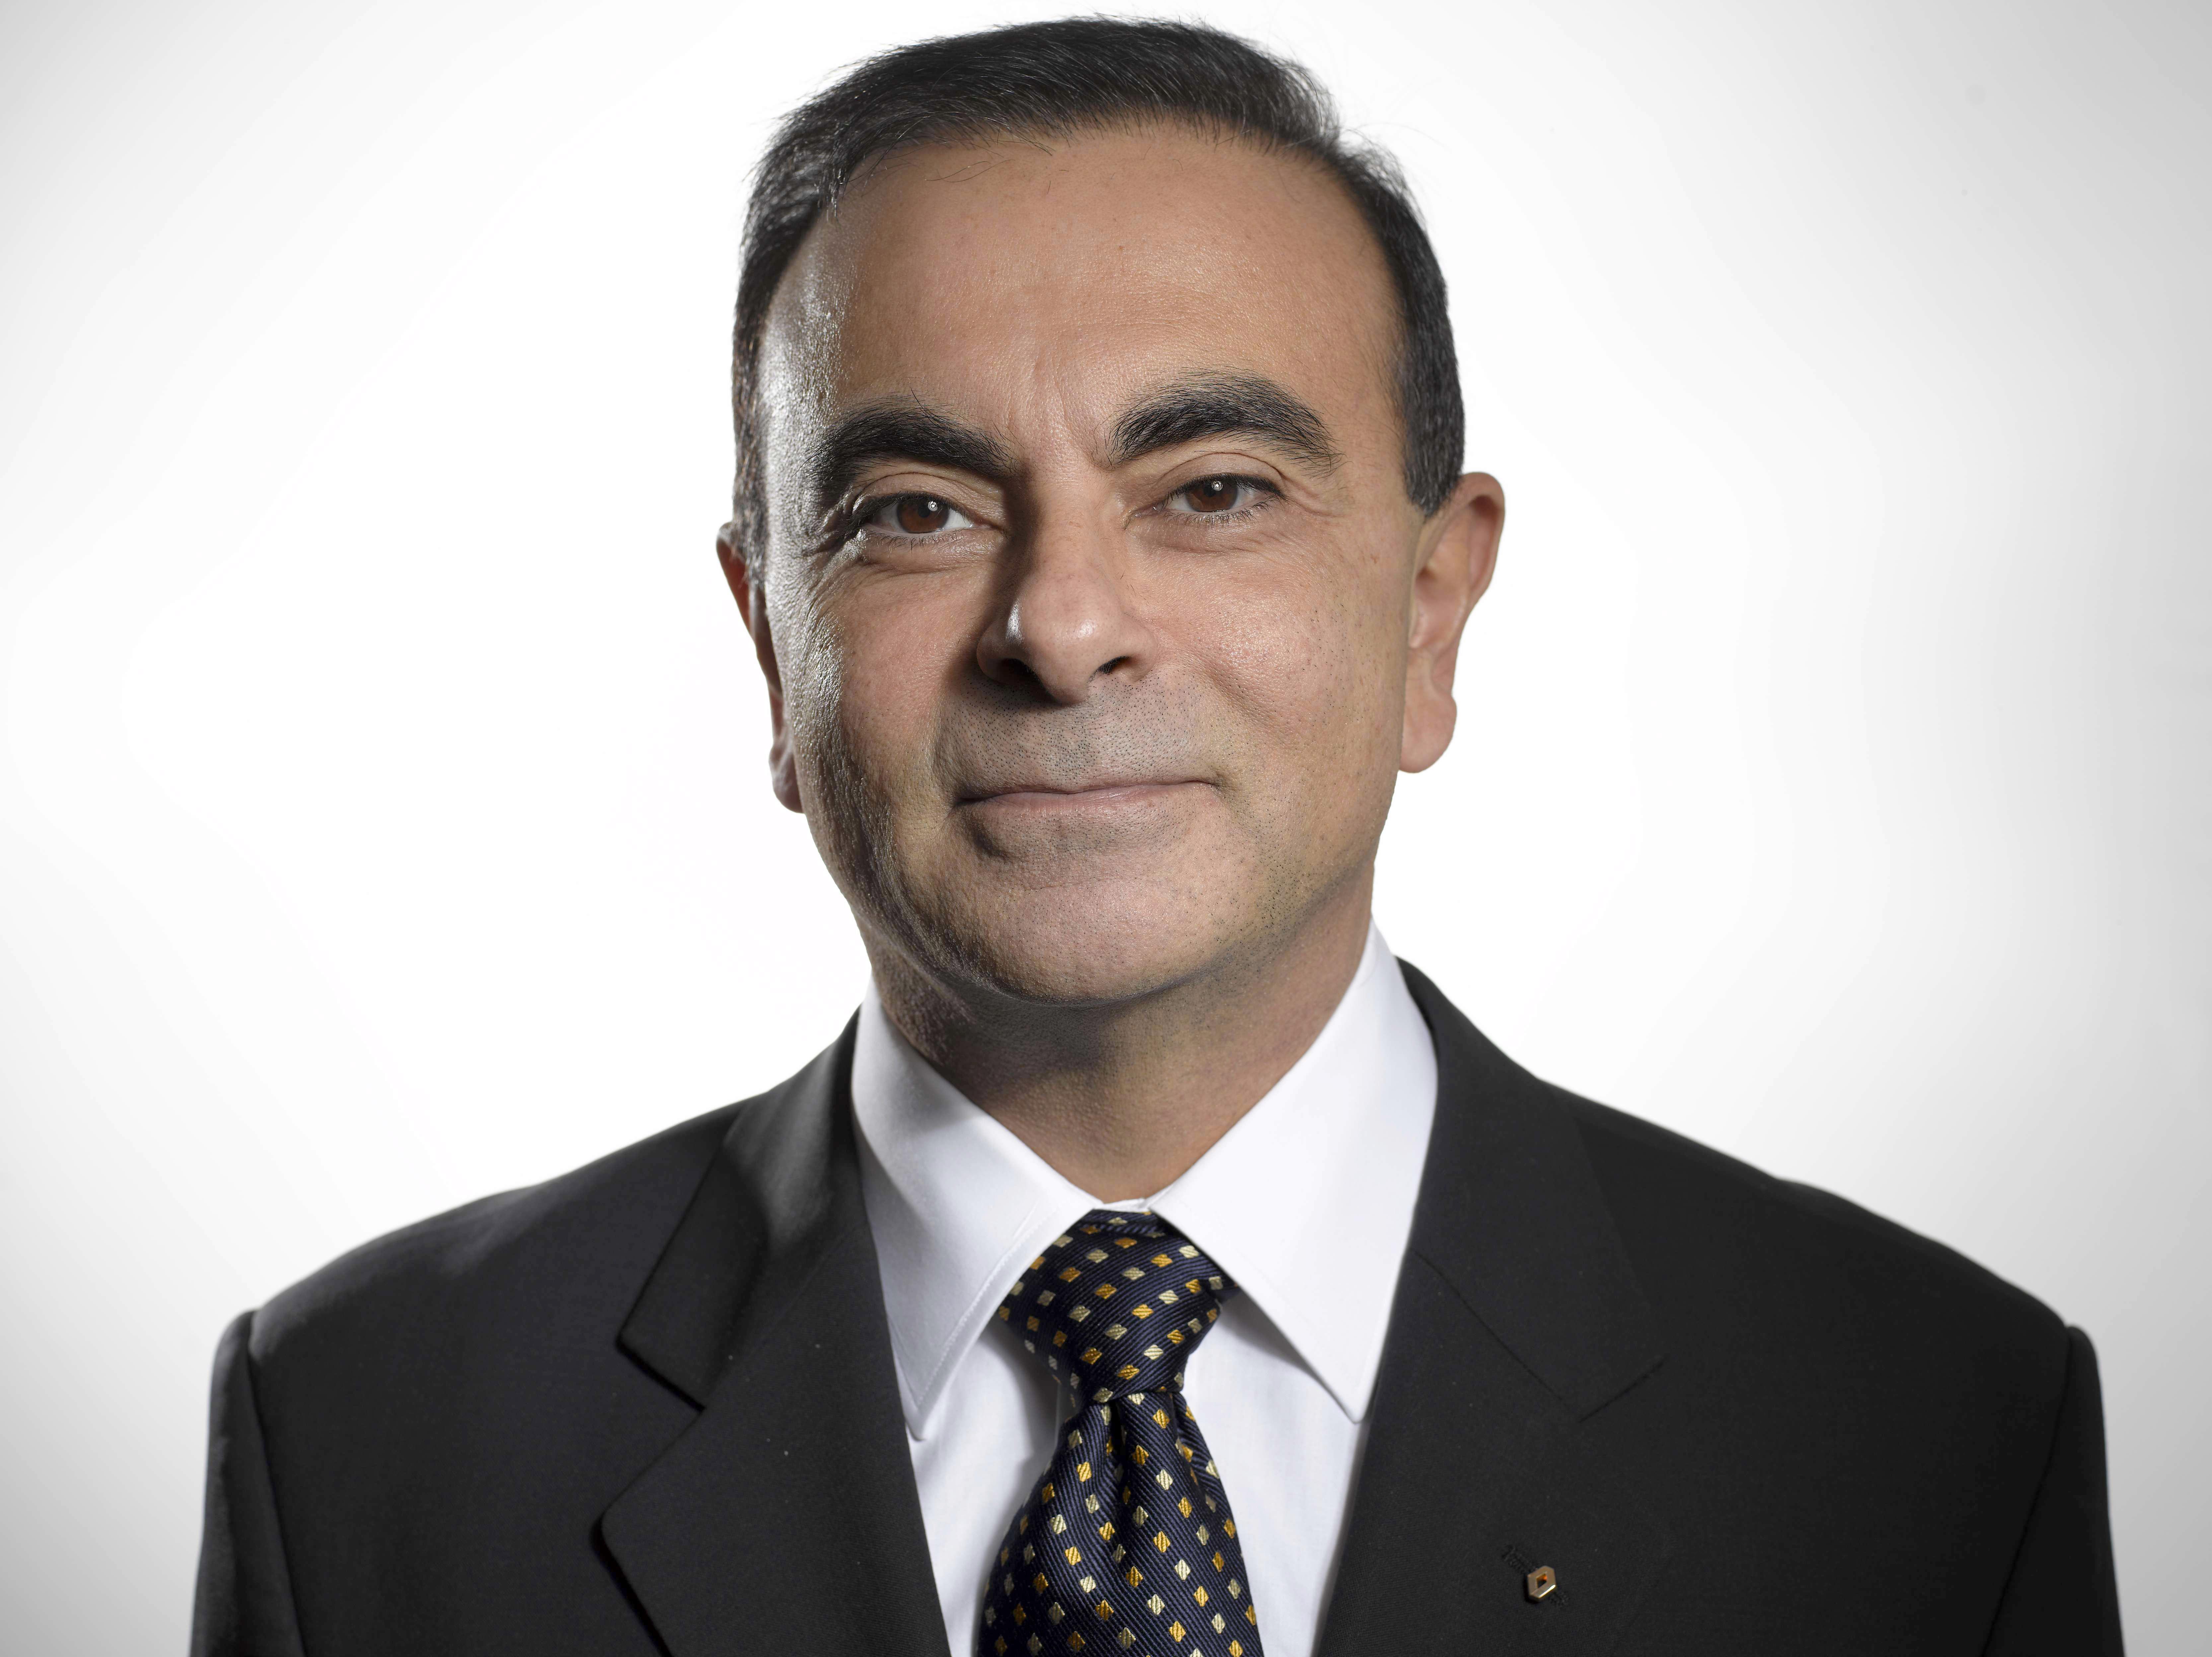 Carlos Ghosn Salaire : salaire de carlos ghosn justifi au vu des comp tences requises selon lui ~ Medecine-chirurgie-esthetiques.com Avis de Voitures